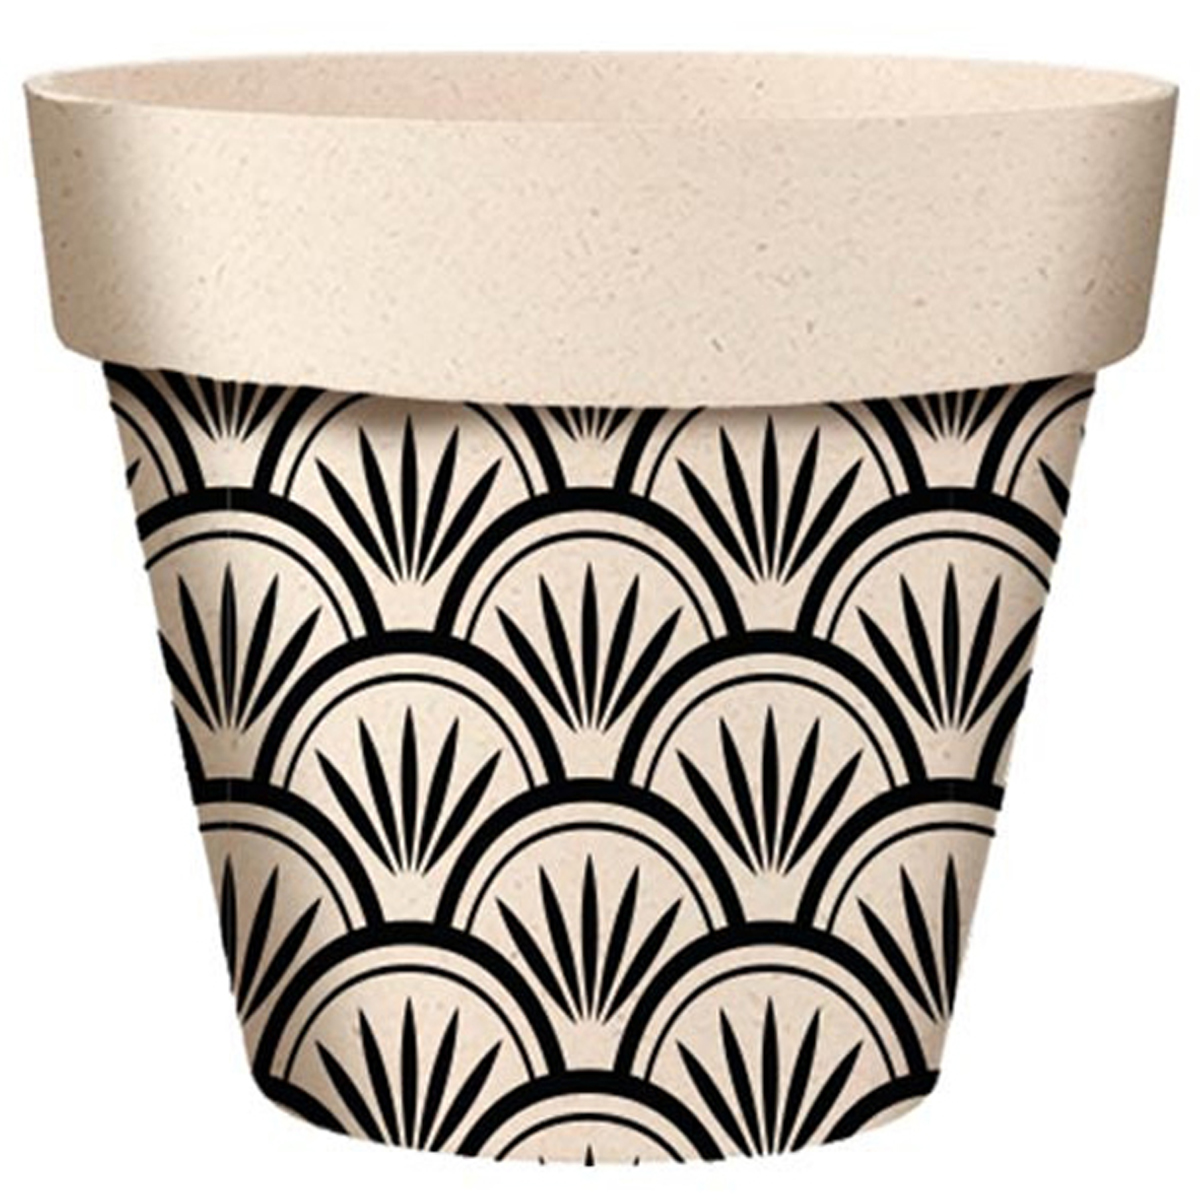 Cache-pot bambou \'Boho\' noir beige  - 22x21 cm - [A2156]